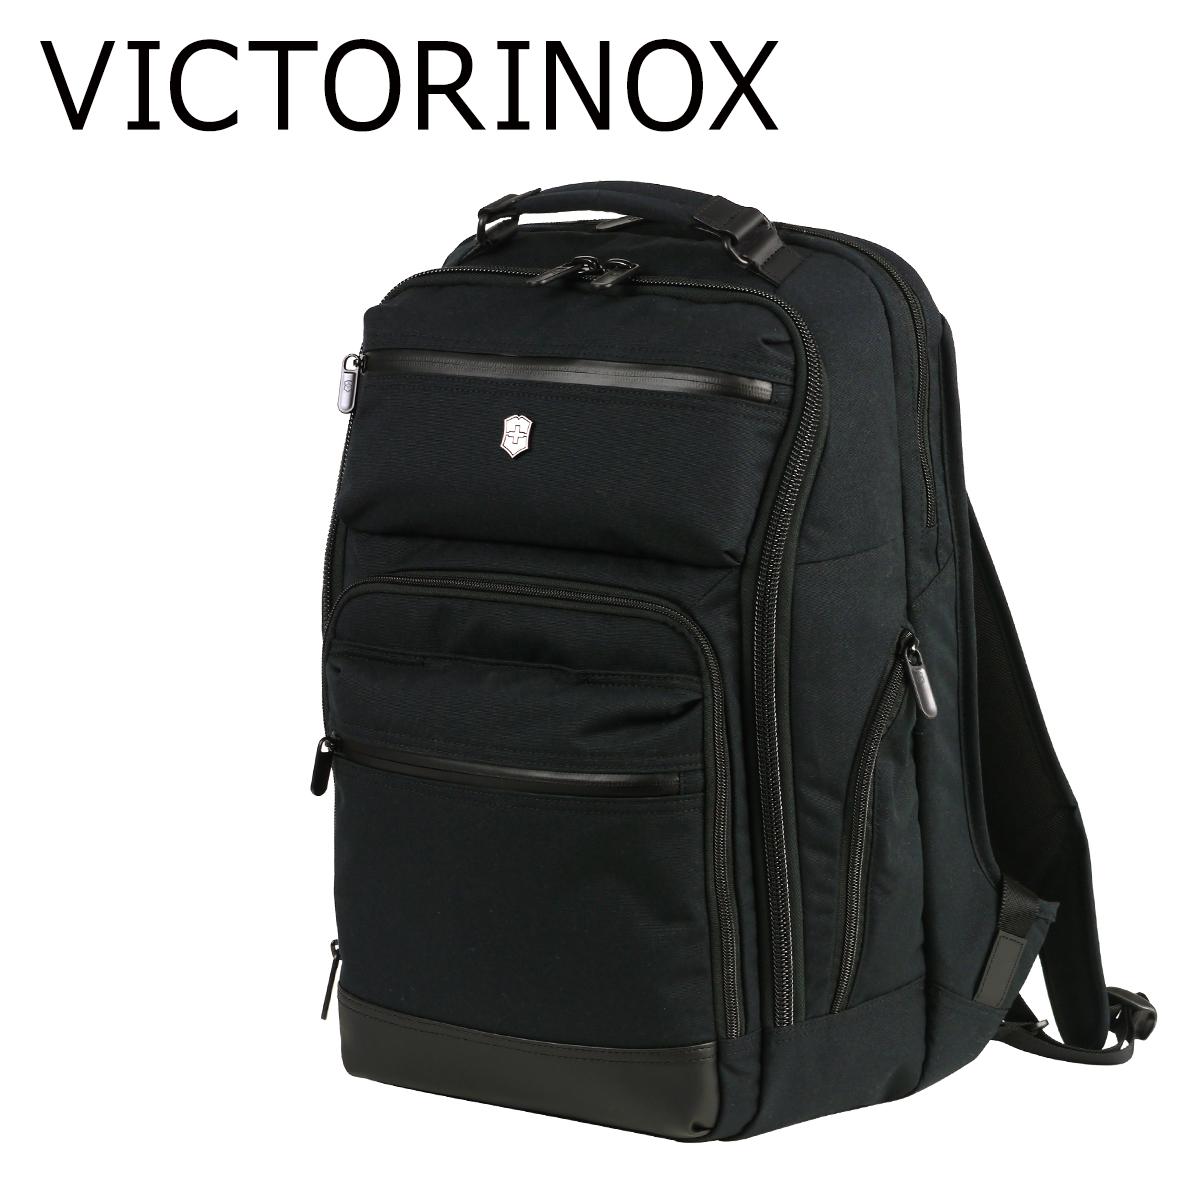 ビクトリノックス(VICTORINOX) バックパック 602836 アーキテクチャー アーバン ラート BLACK ヴィクトリノックス